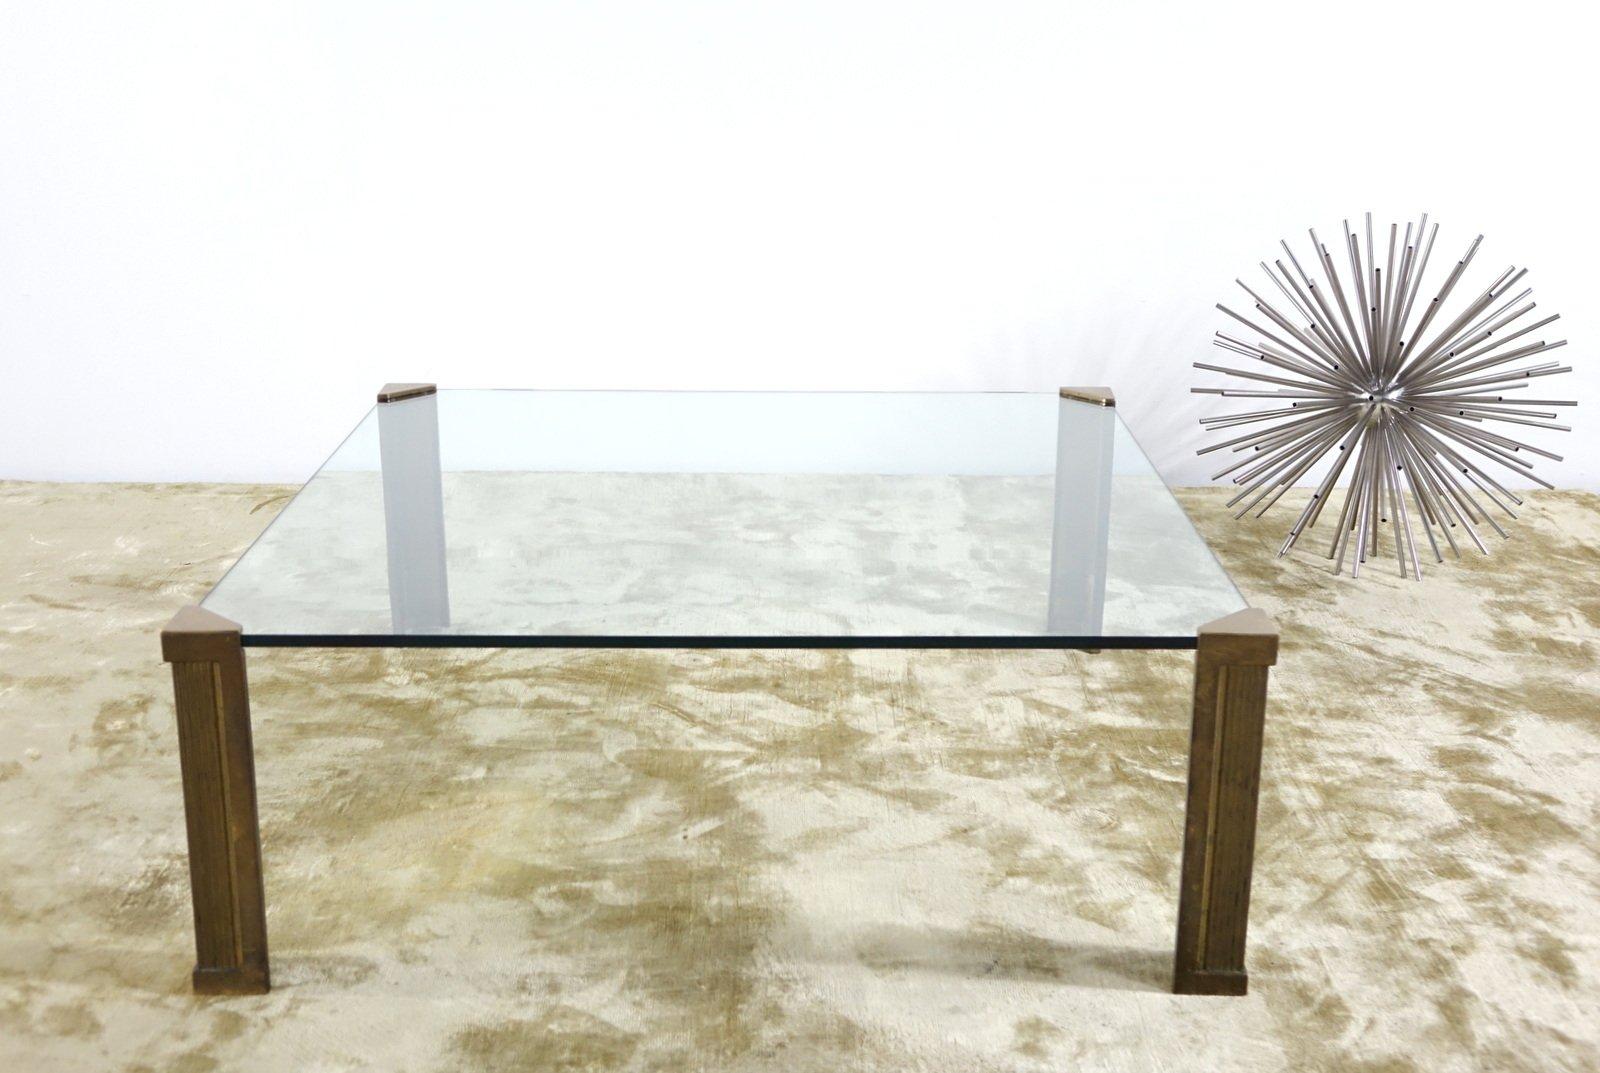 t14 glas messing couchtisch von peter ghyczy 1970er bei pamono kaufen. Black Bedroom Furniture Sets. Home Design Ideas